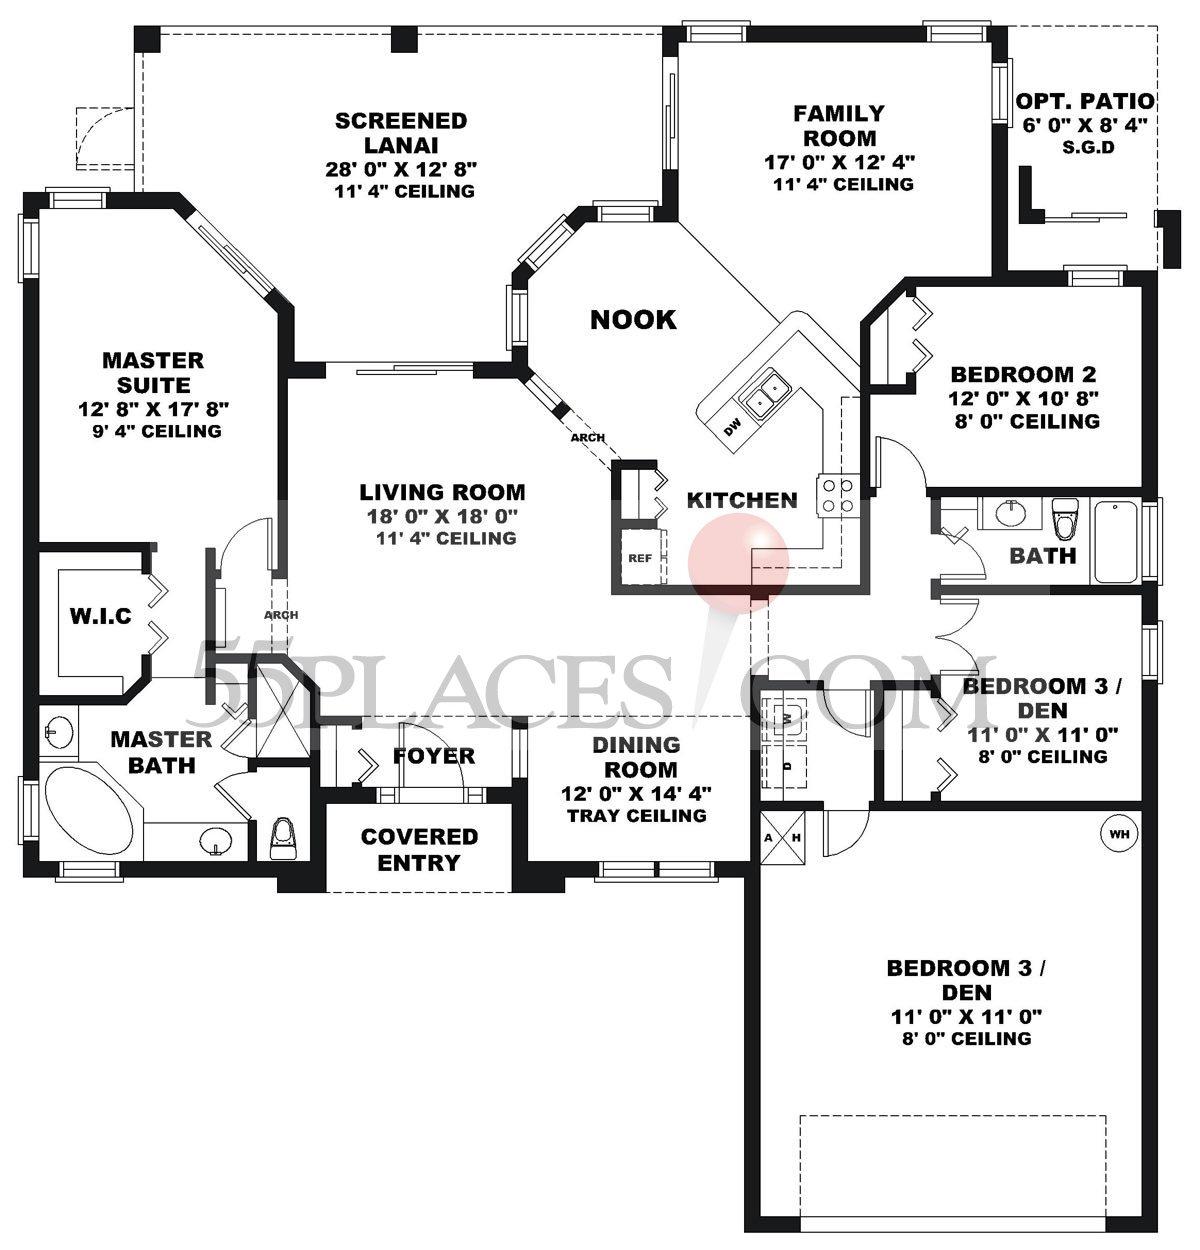 St augustine floorplan 2130 sq ft legacy of leesburg for Flooring st augustine